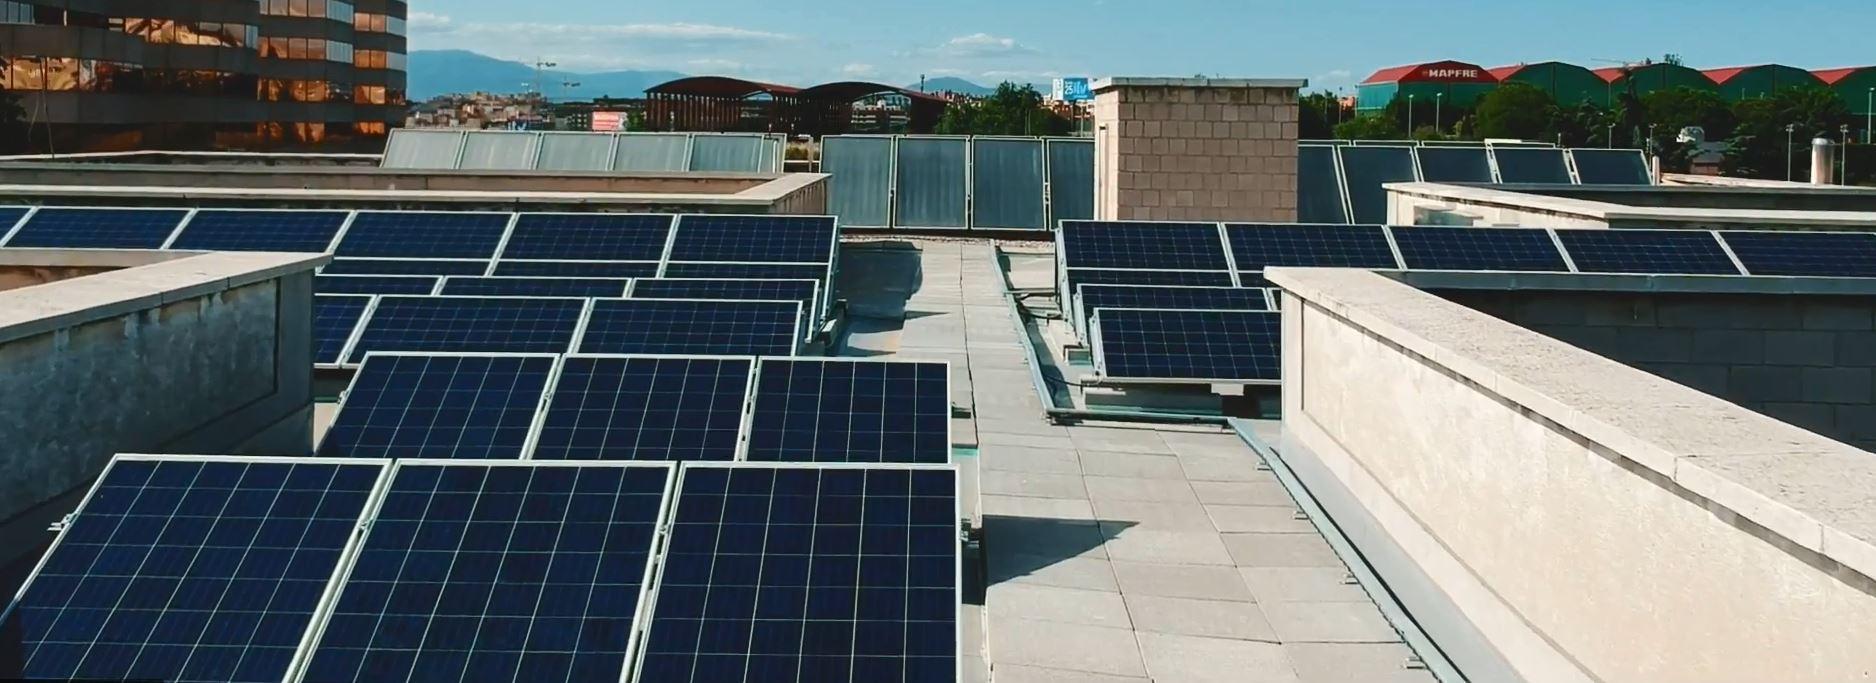 Ahorro de energía con paneles solares para colegios